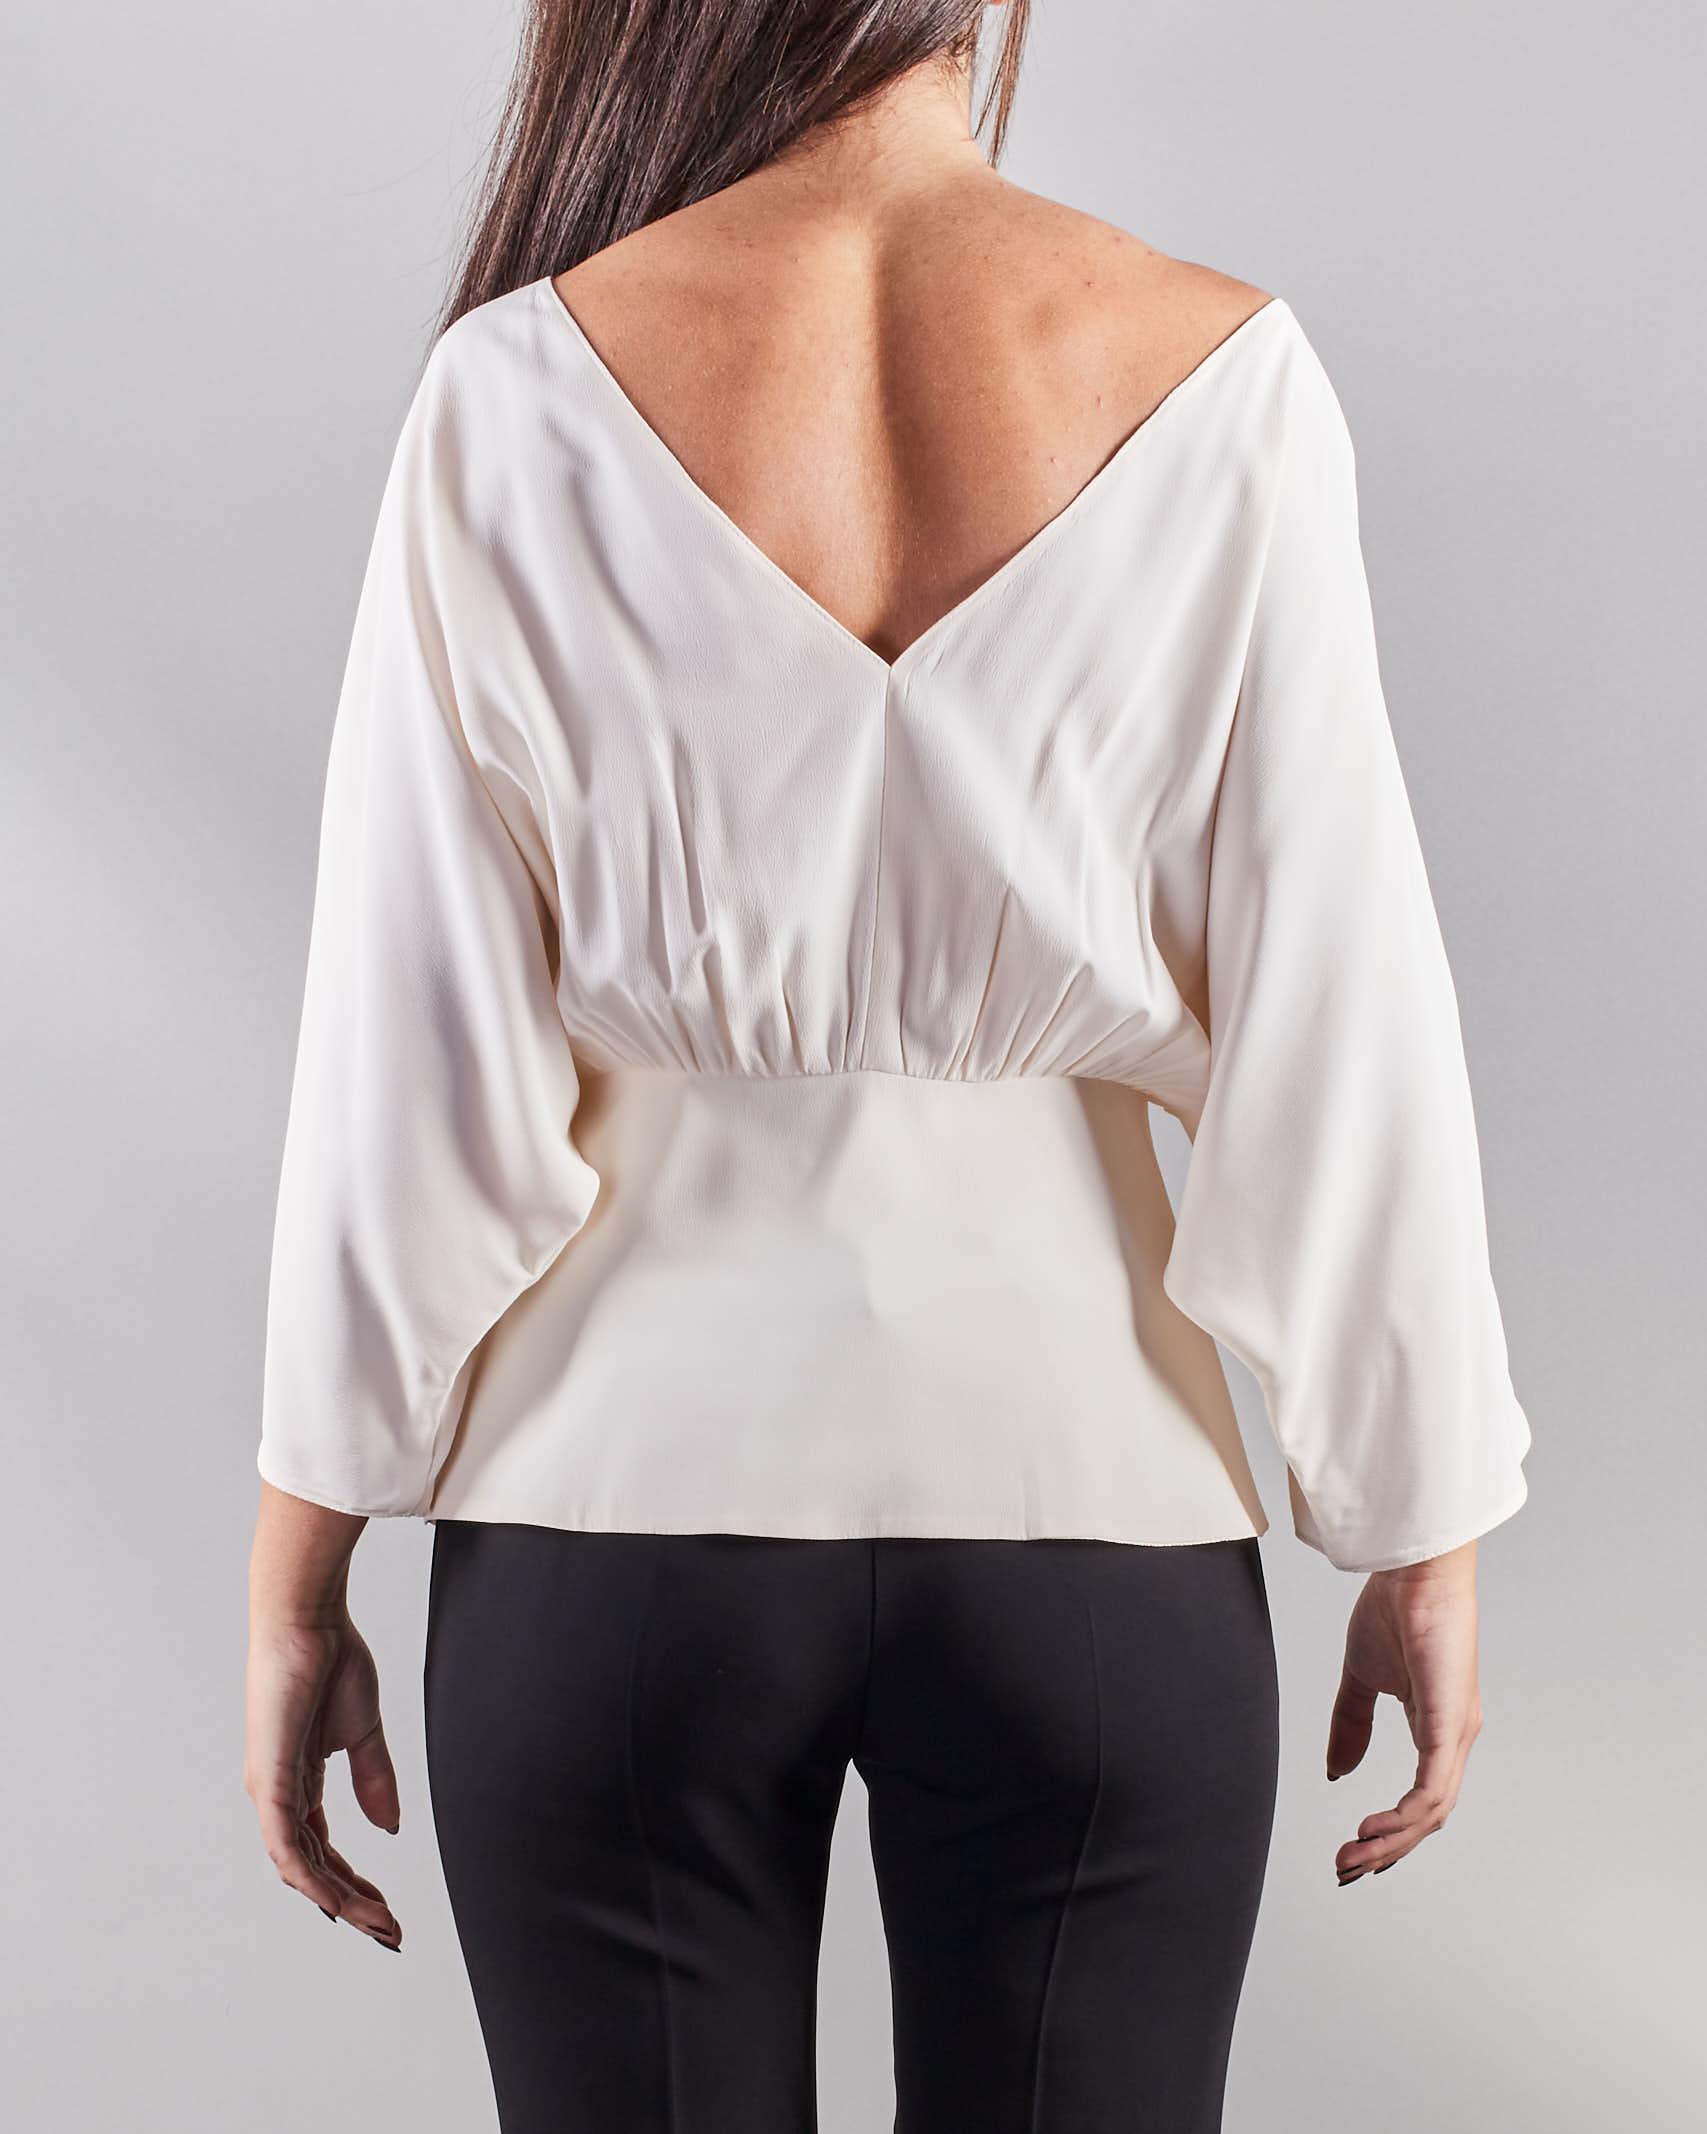 Blusa con accessorio Simona Corsellini SIMONA CORSELLINI   Blusa   BL00601TACE0002359